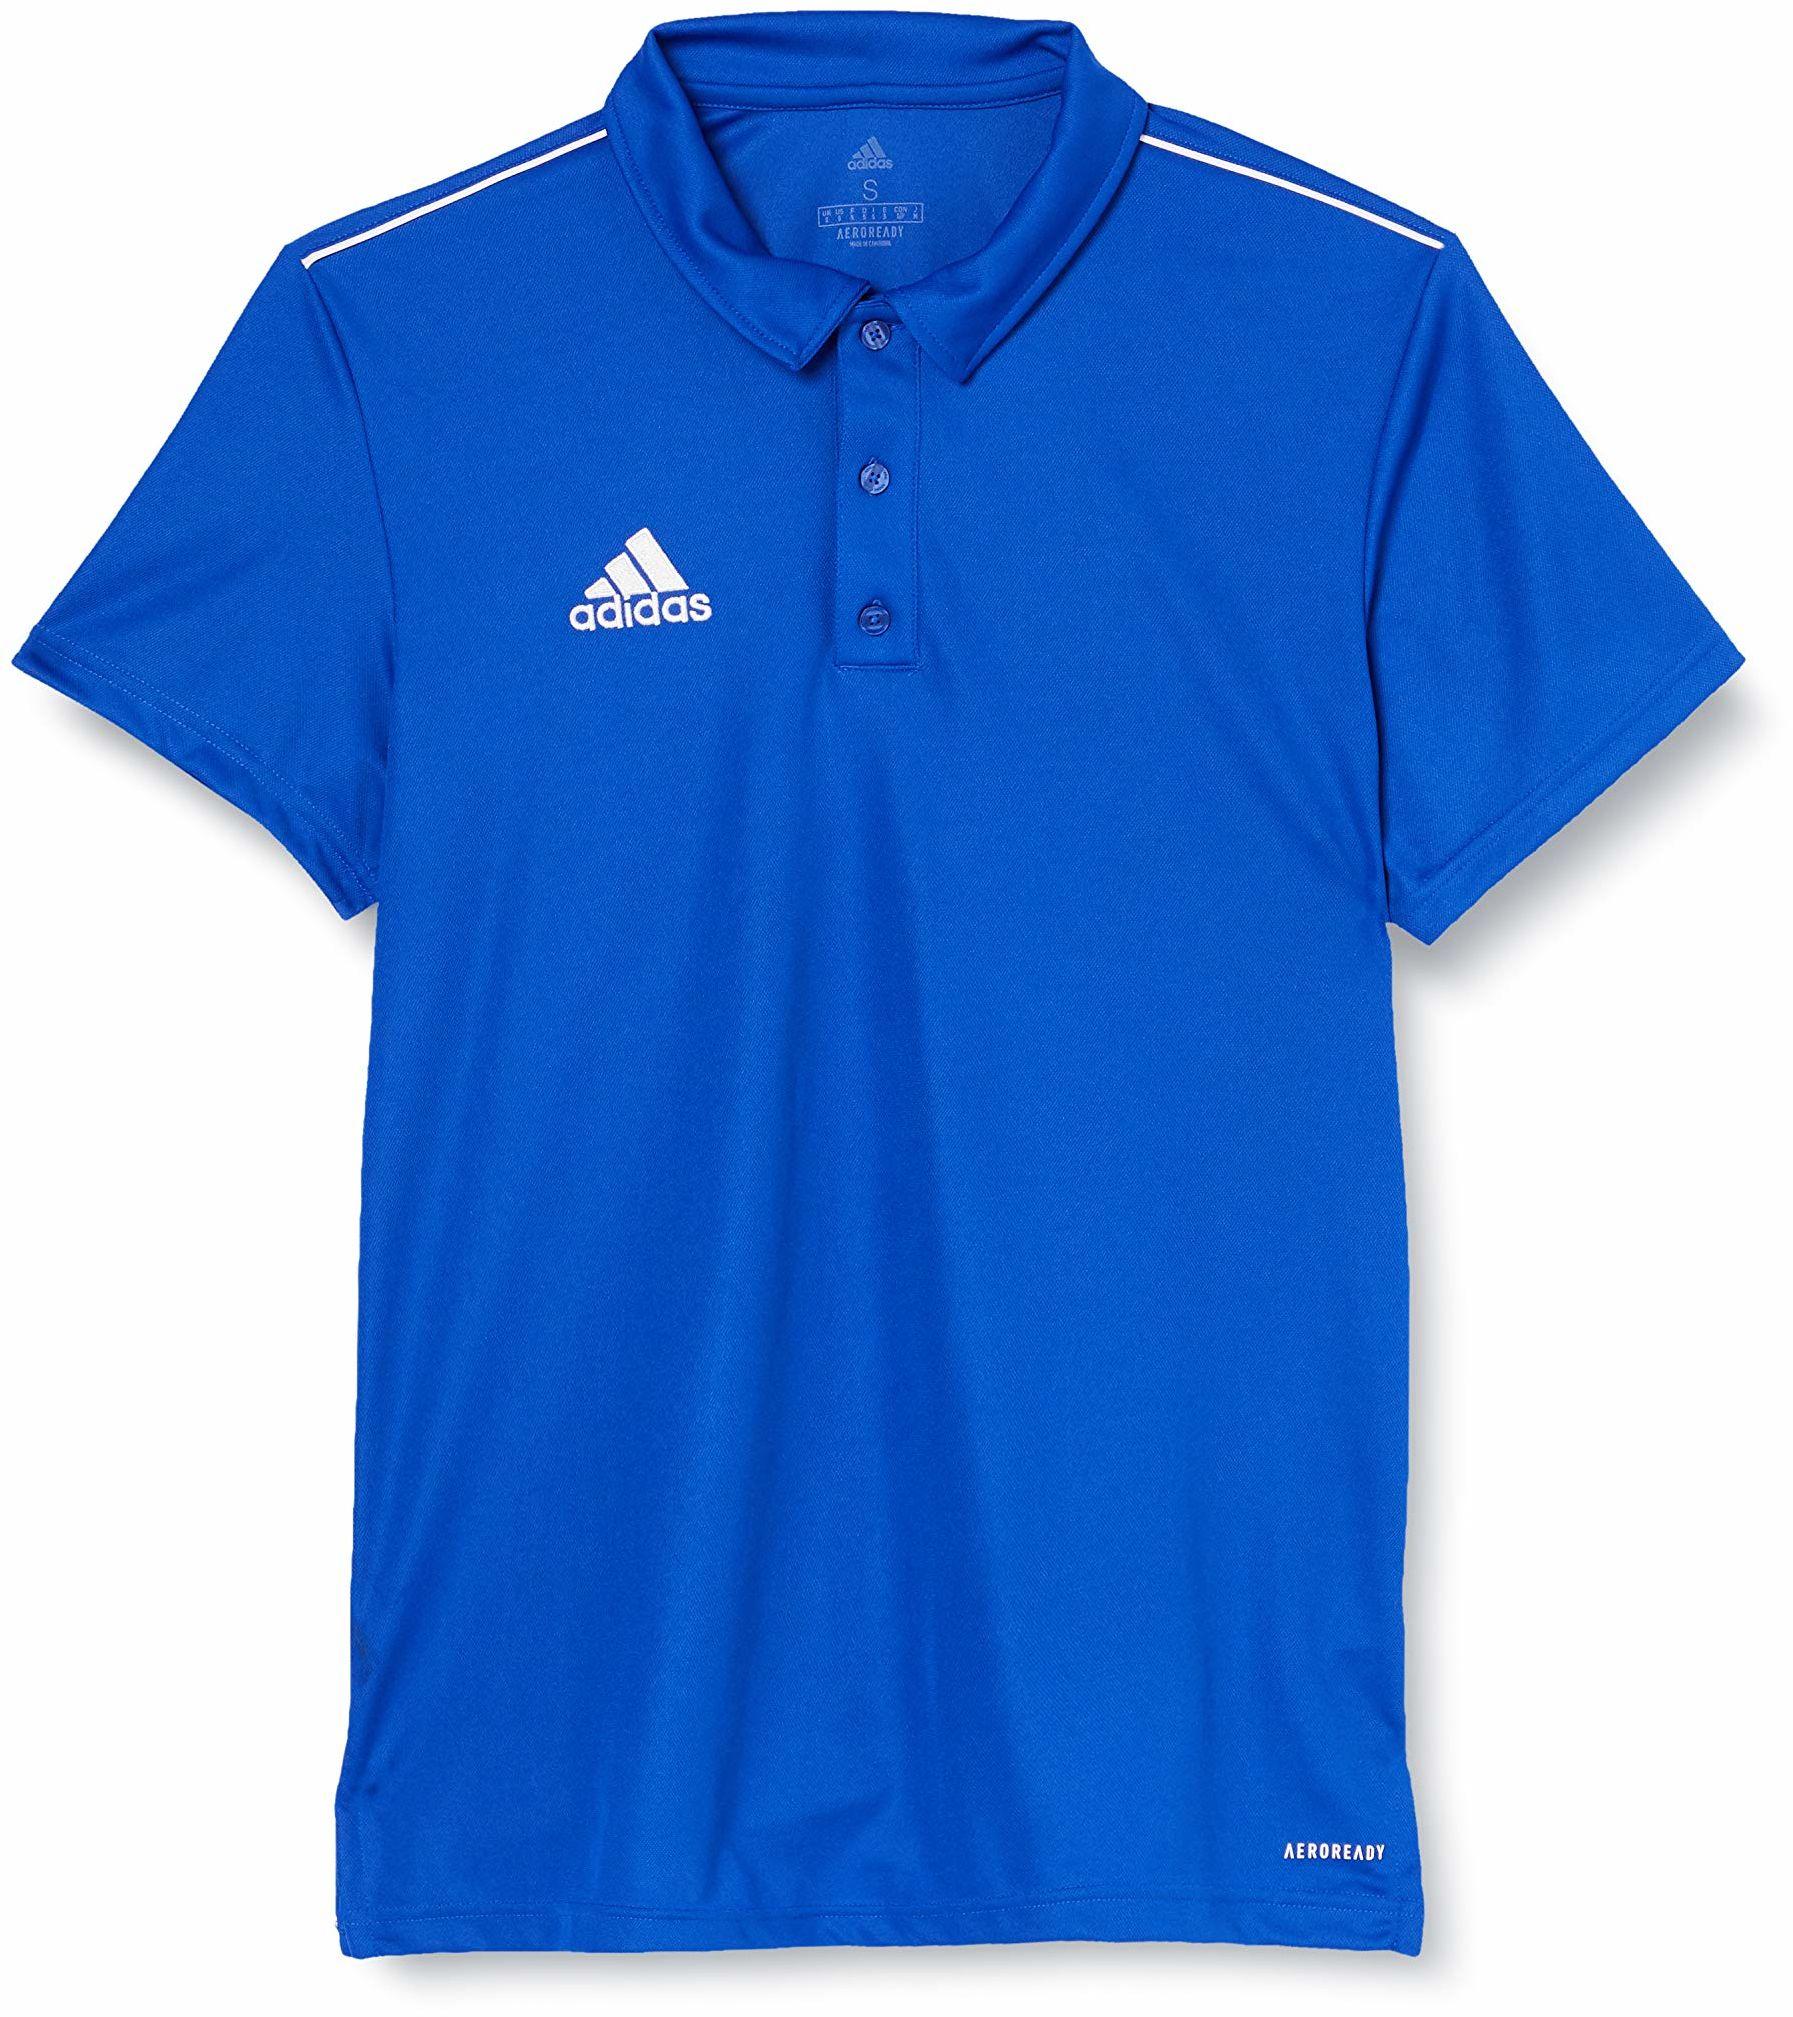 adidas Core 18 męska koszulka polo niebieski niebieski/biały (Bold Blue/White) L